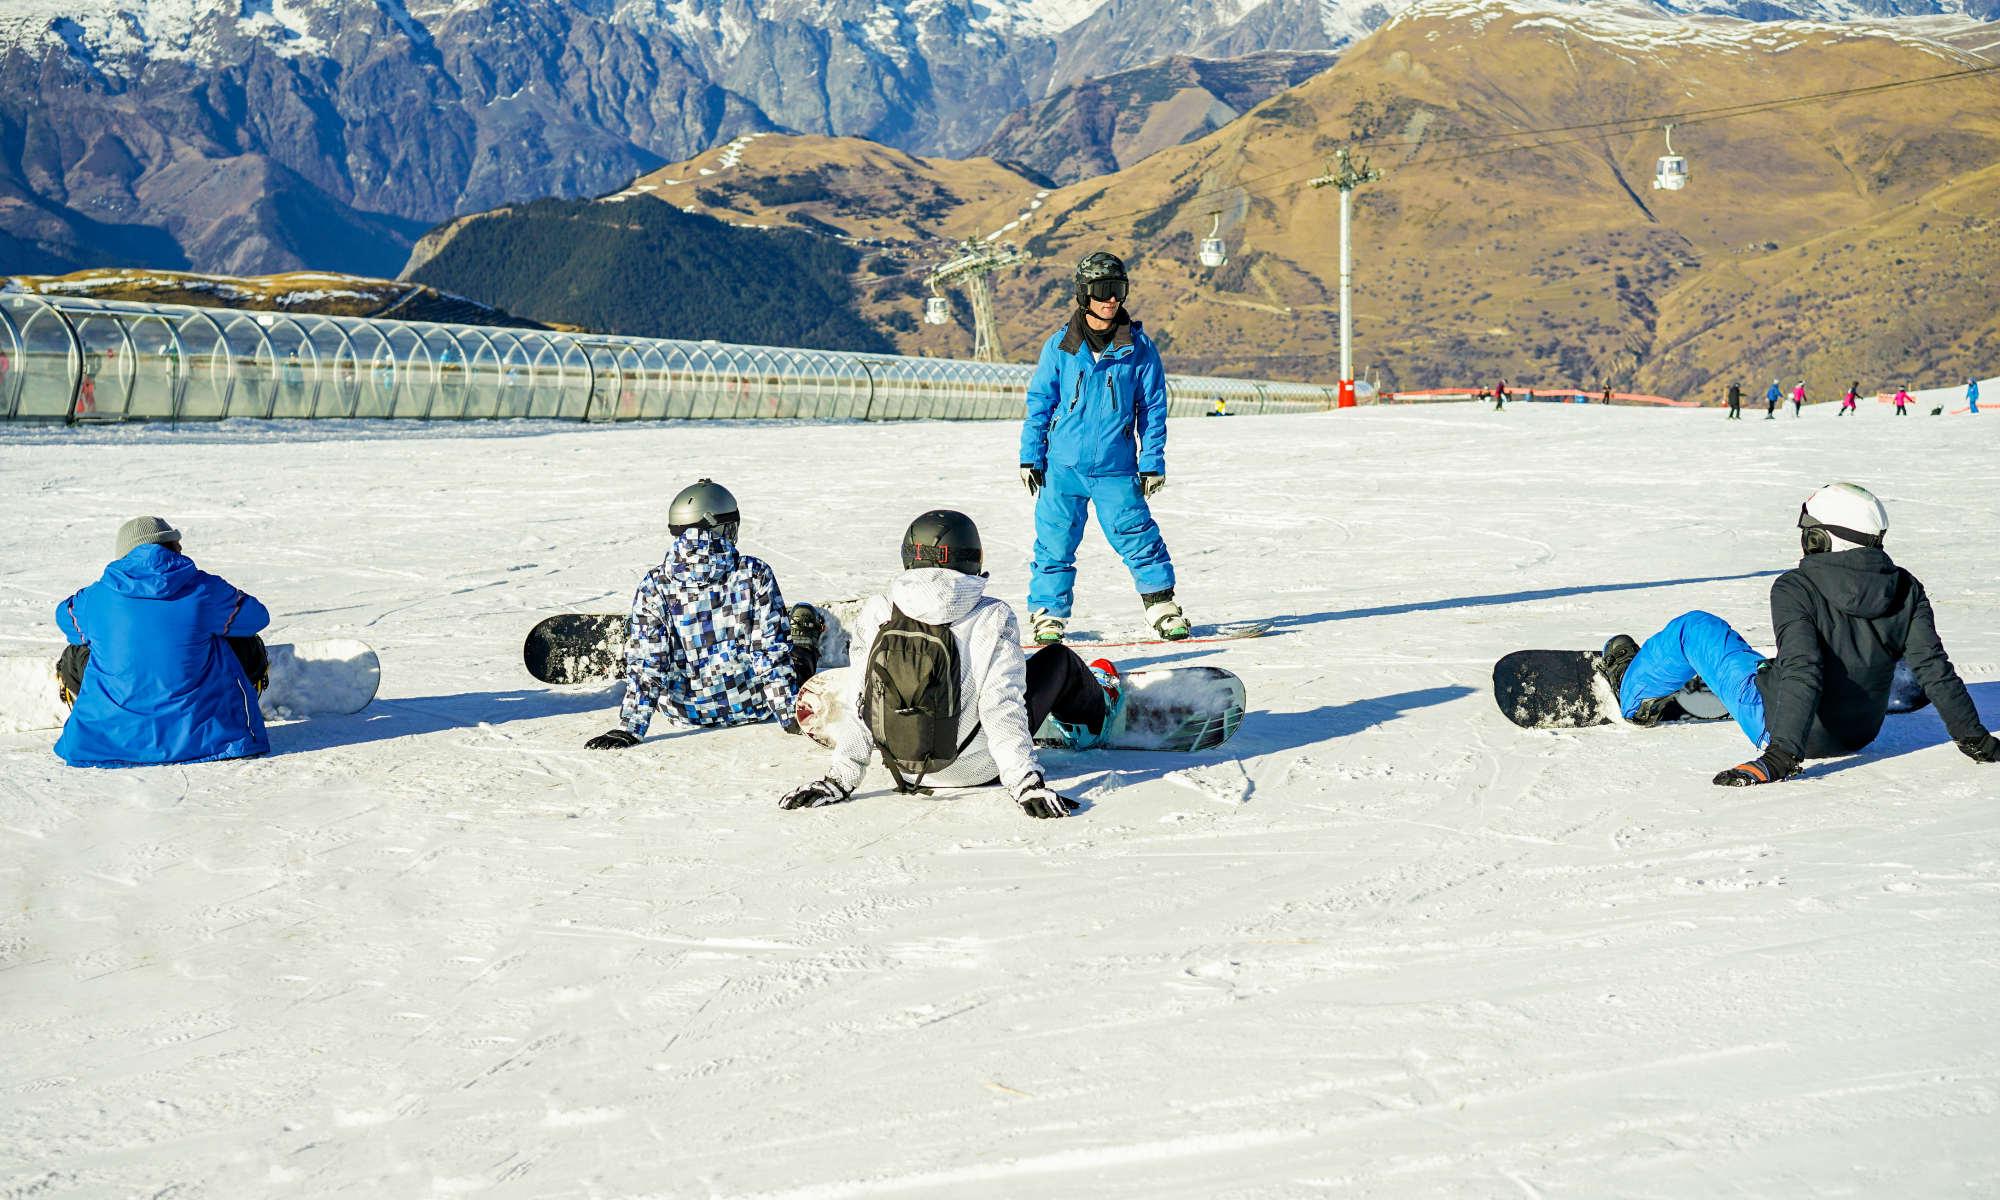 Un maestro di snowboard insegna le basi a 4 aspiranti rider seduti sulla neve.